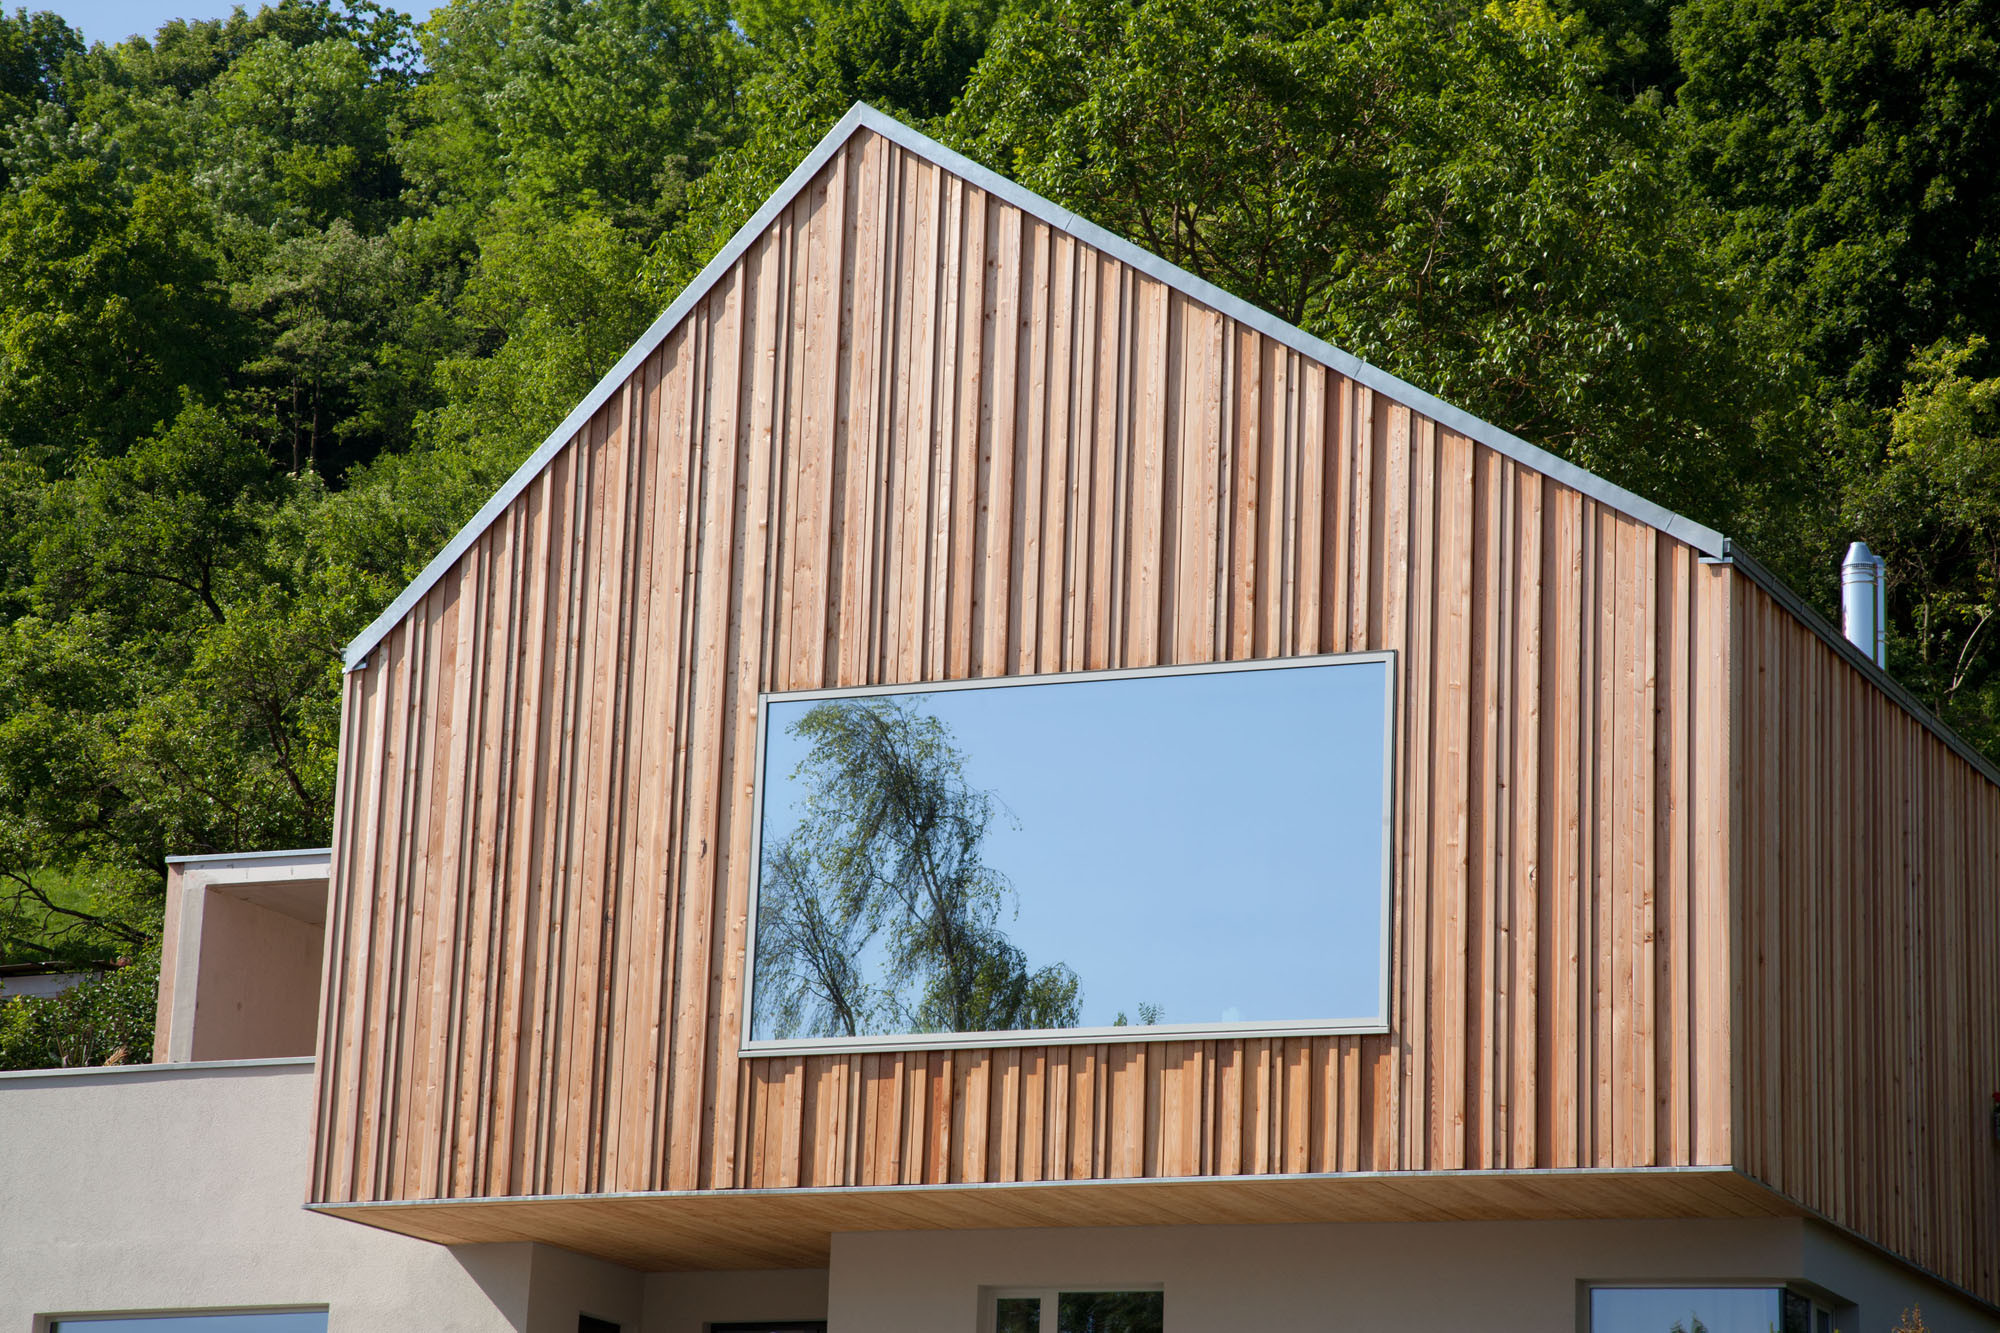 haus f in regensburg beton wohnen efh baunetz wissen. Black Bedroom Furniture Sets. Home Design Ideas